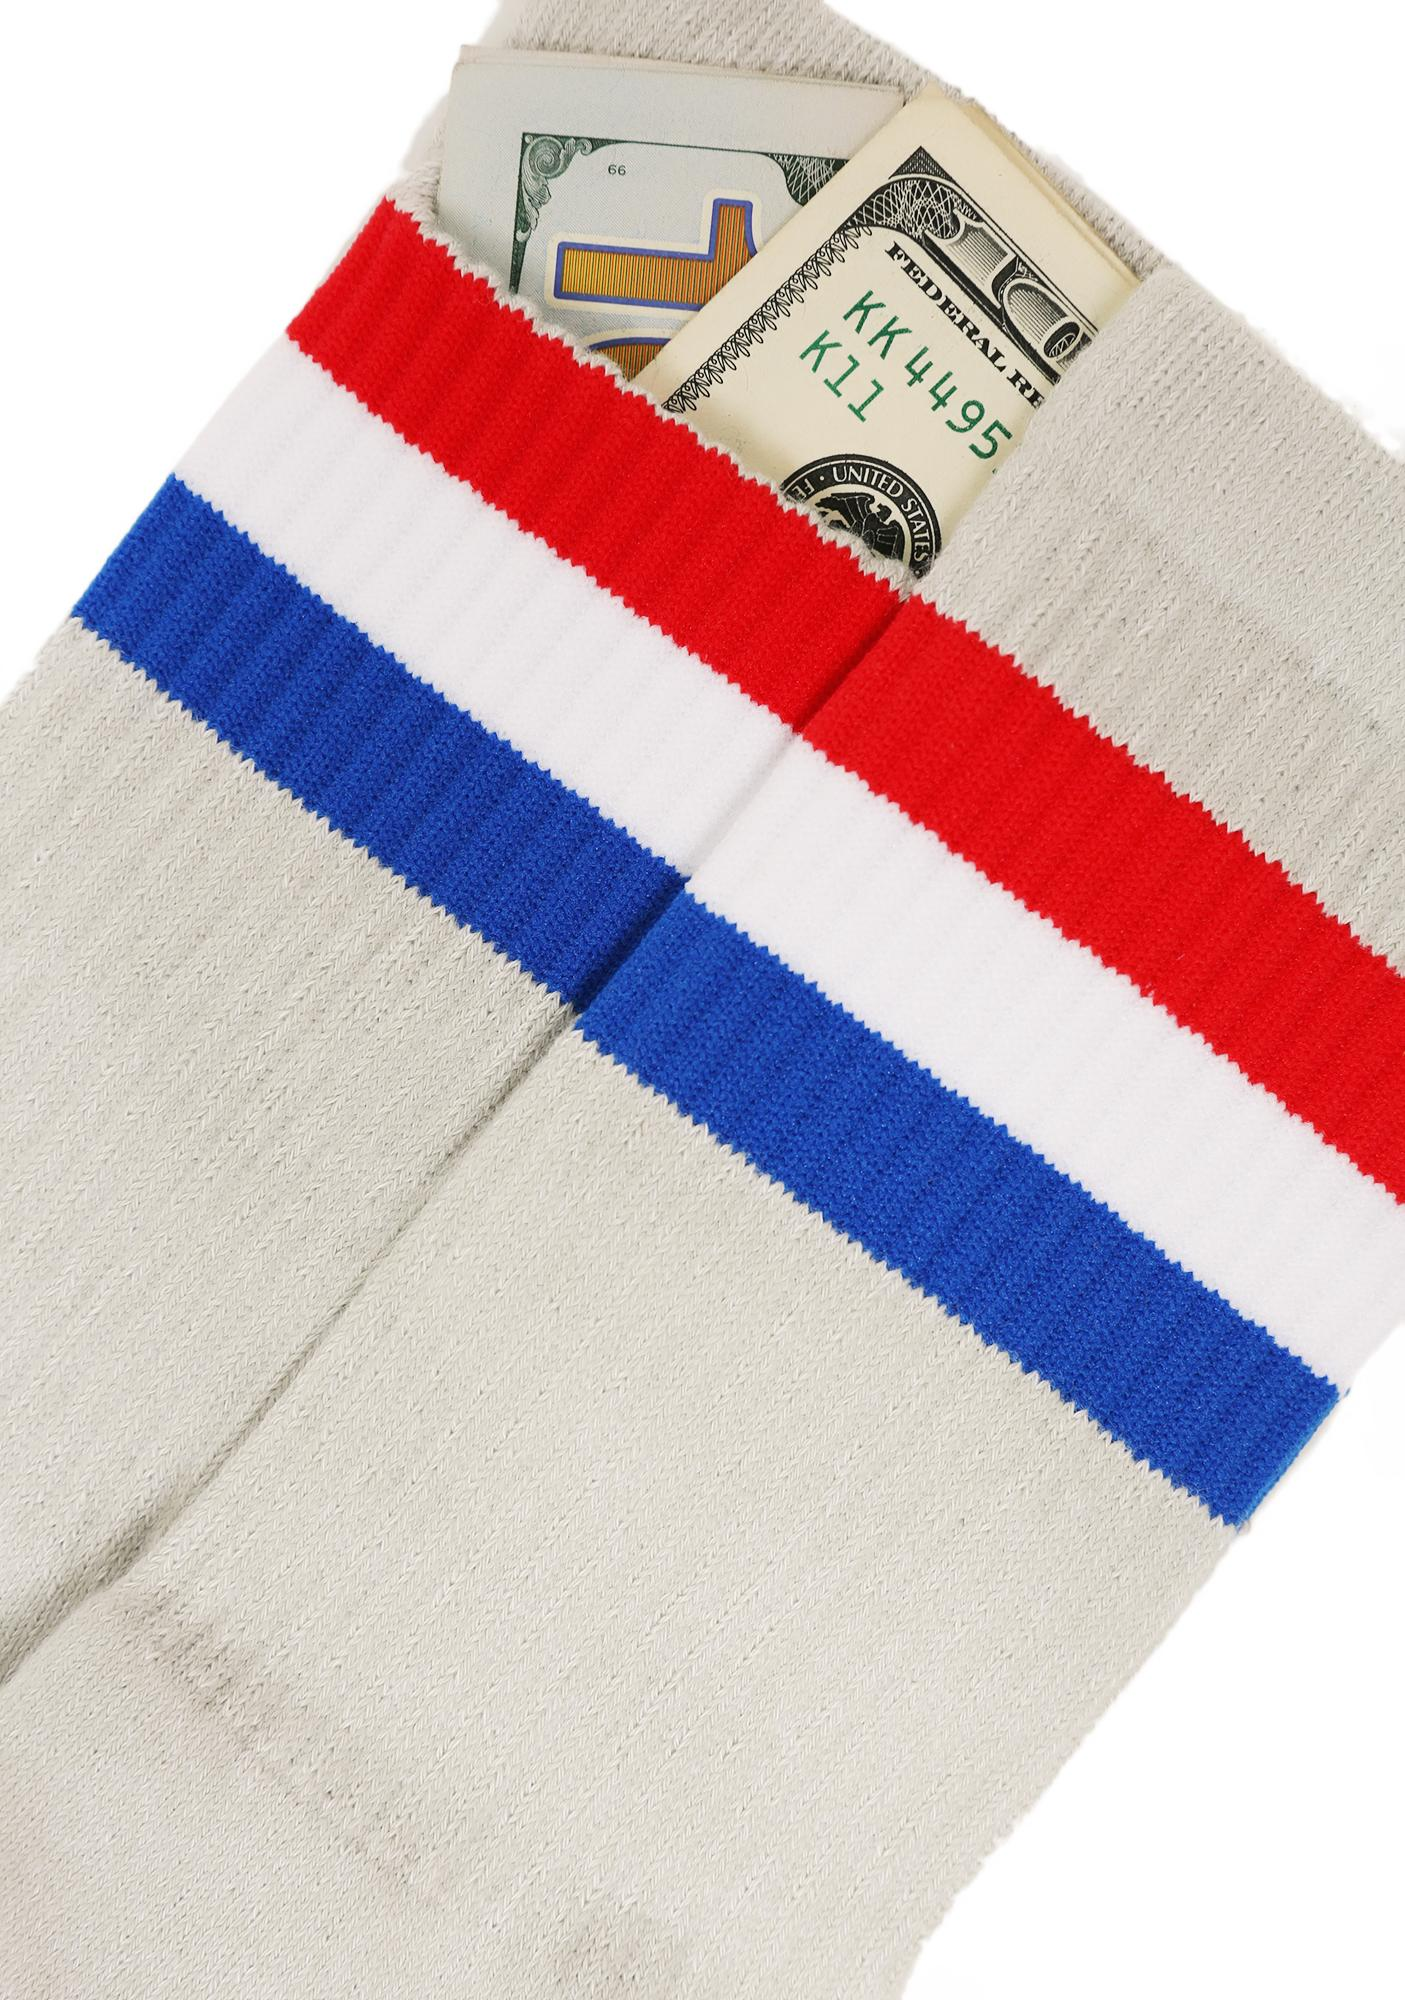 40s & Shorties Platoon Pocket Socks